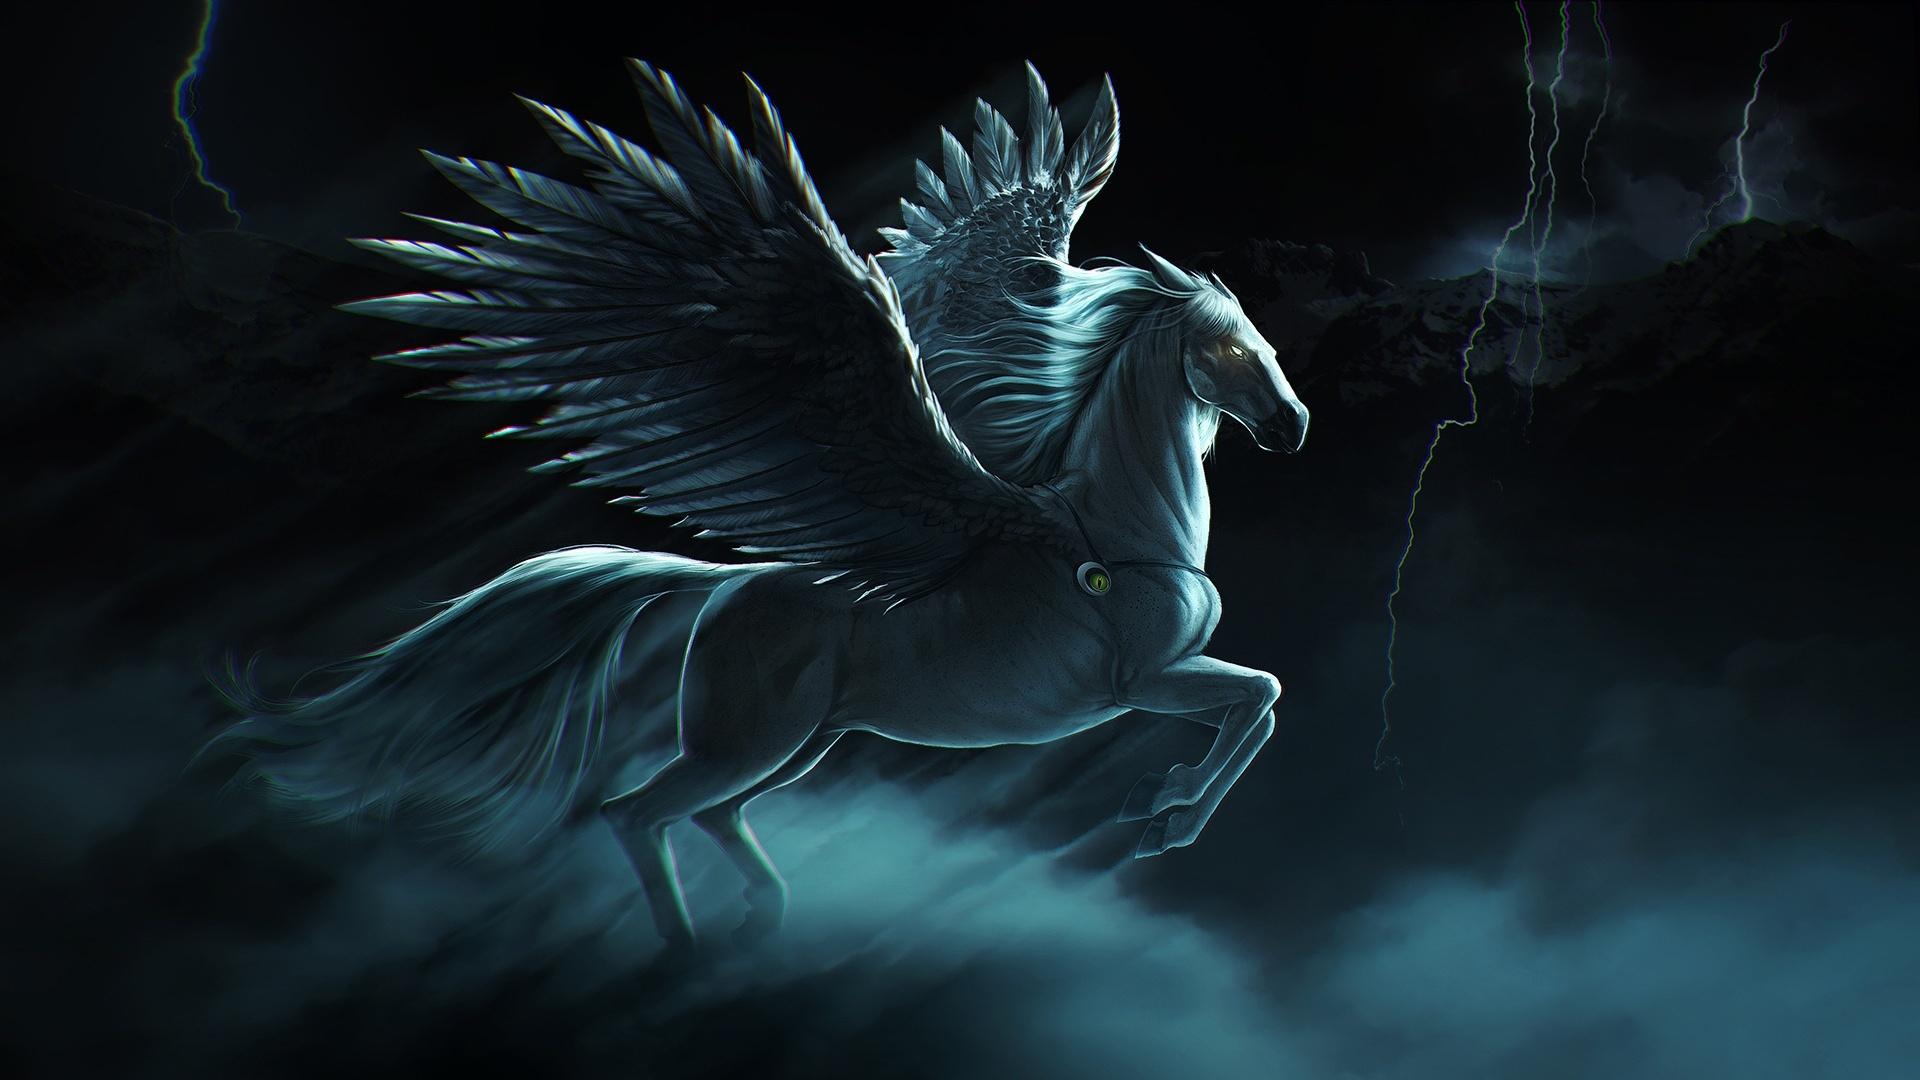 Pegasus Art Desktop Wallpaper